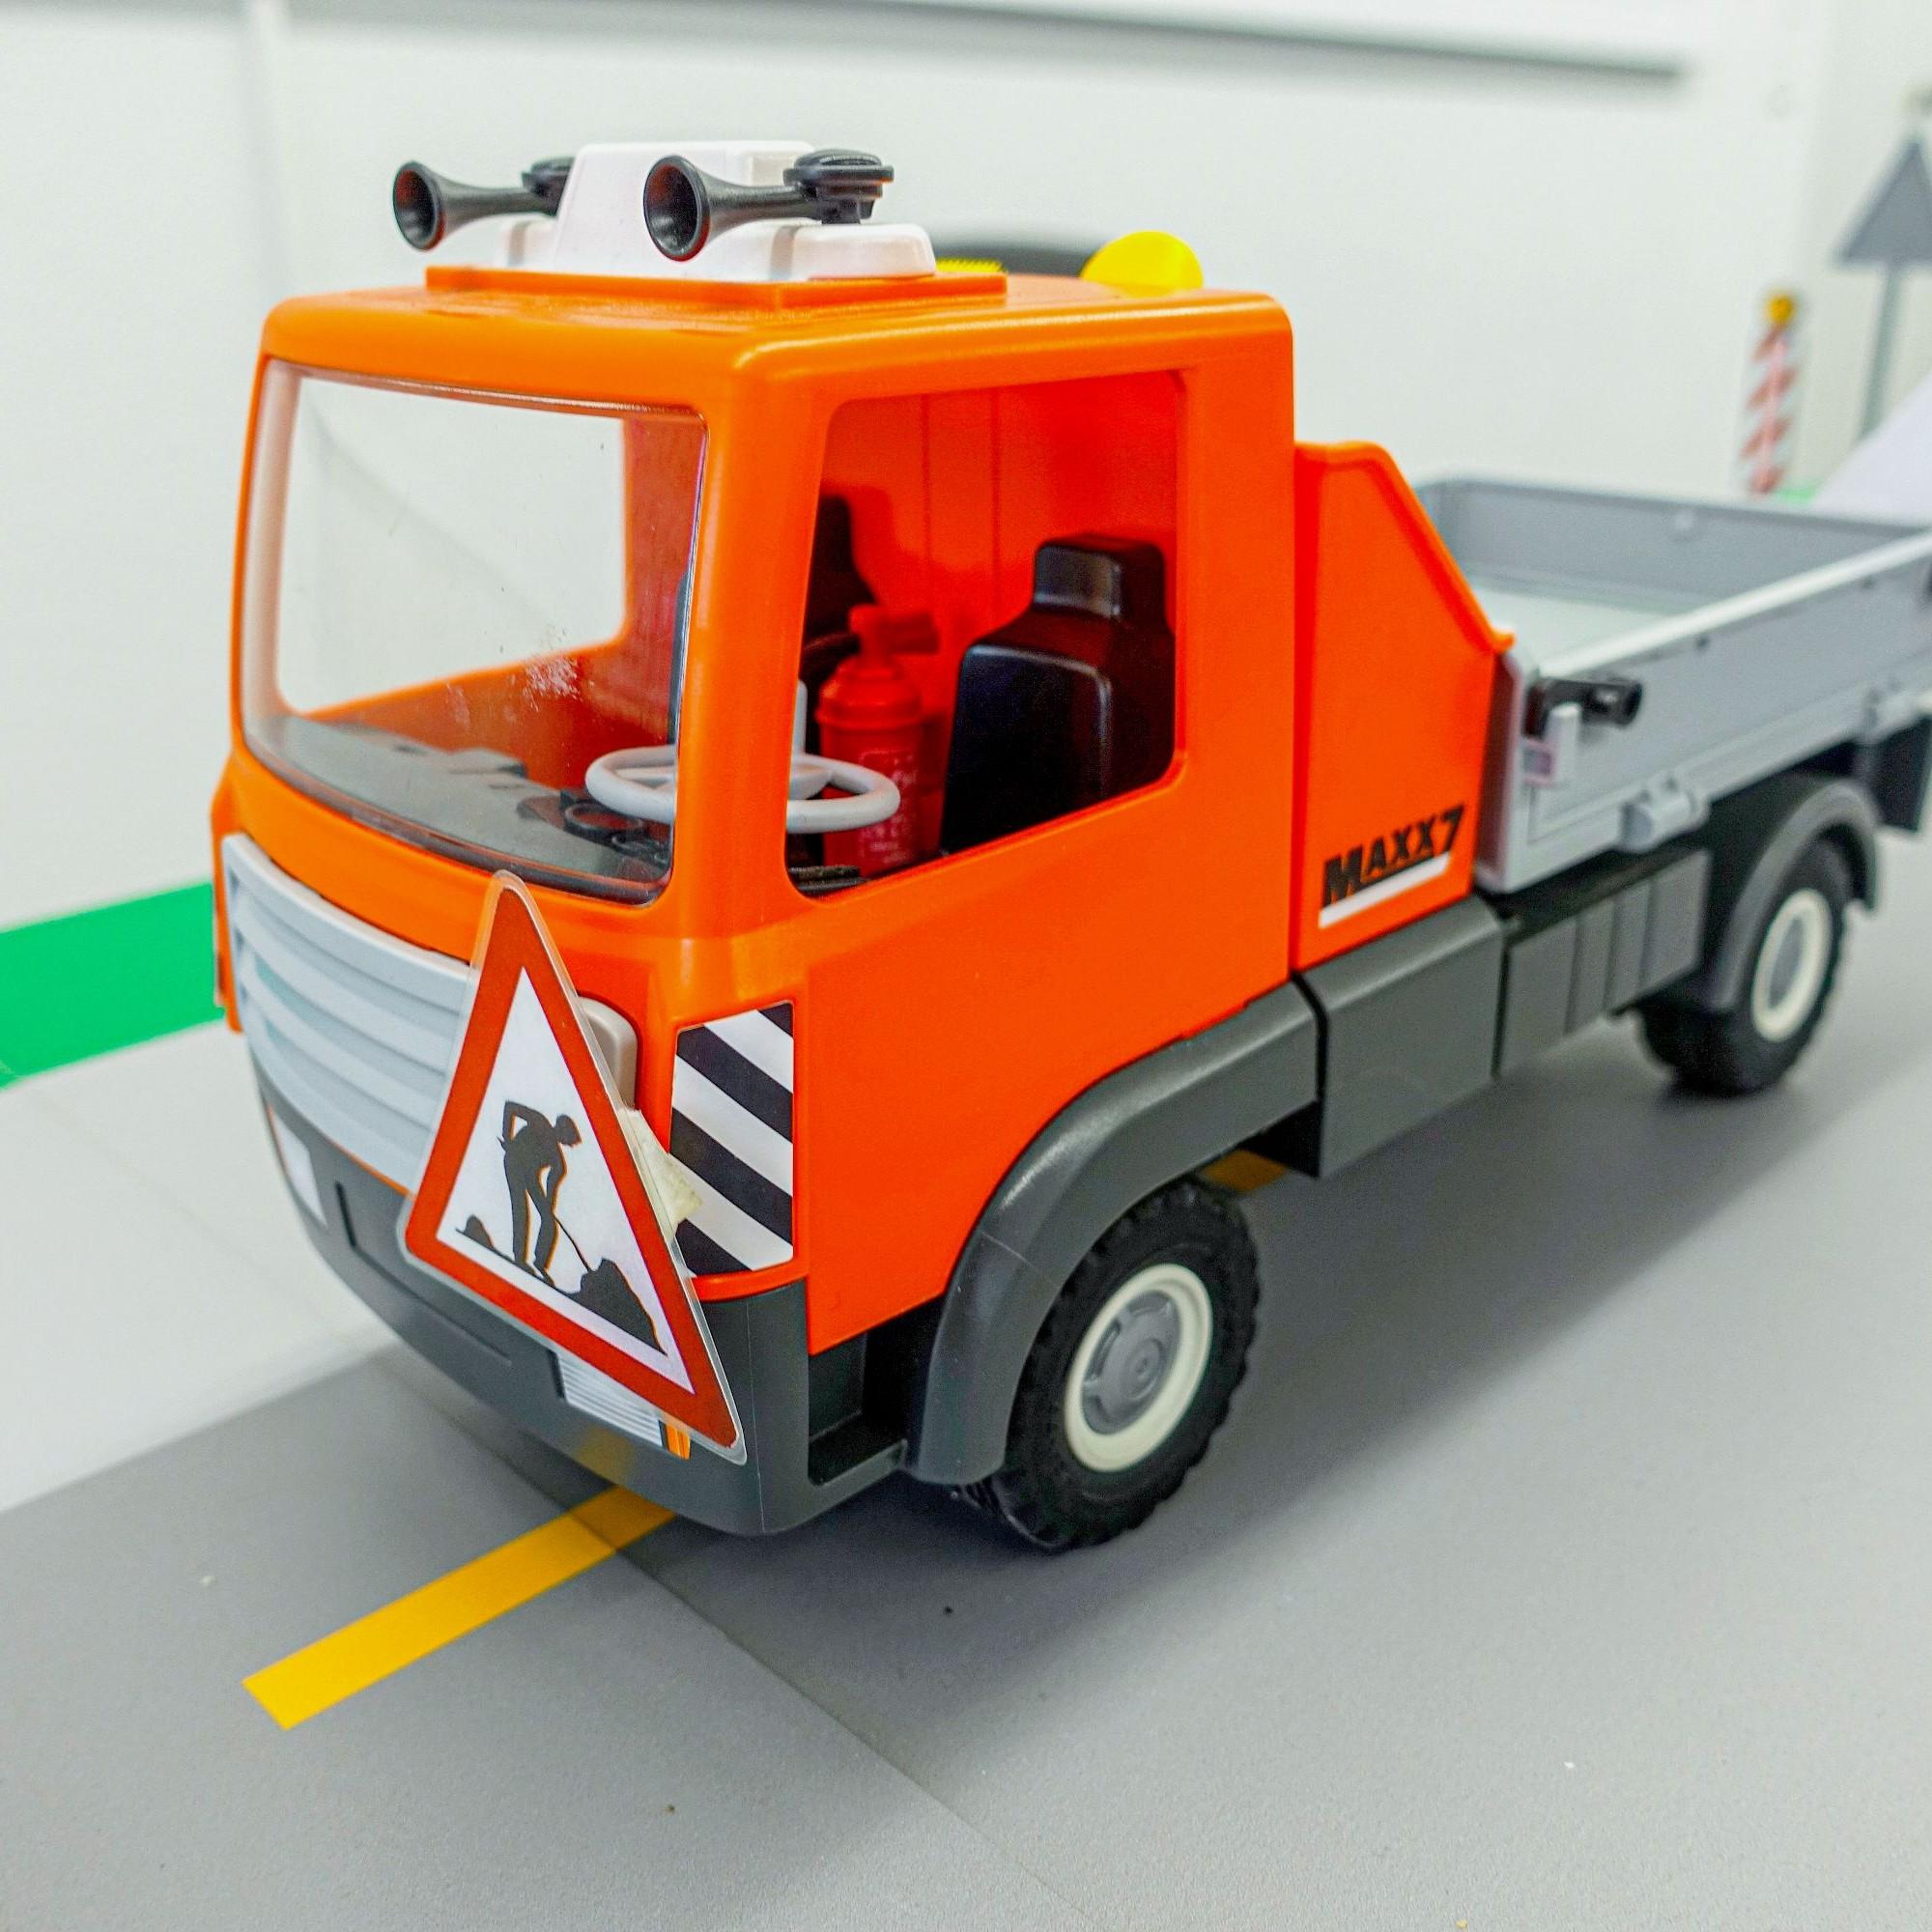 Fahrende Baustellen (rechtes Modell) sind mit einem Vorsignal anzukündigen, die Fahrzeuge vorne und hinten zu kennzeichnen.